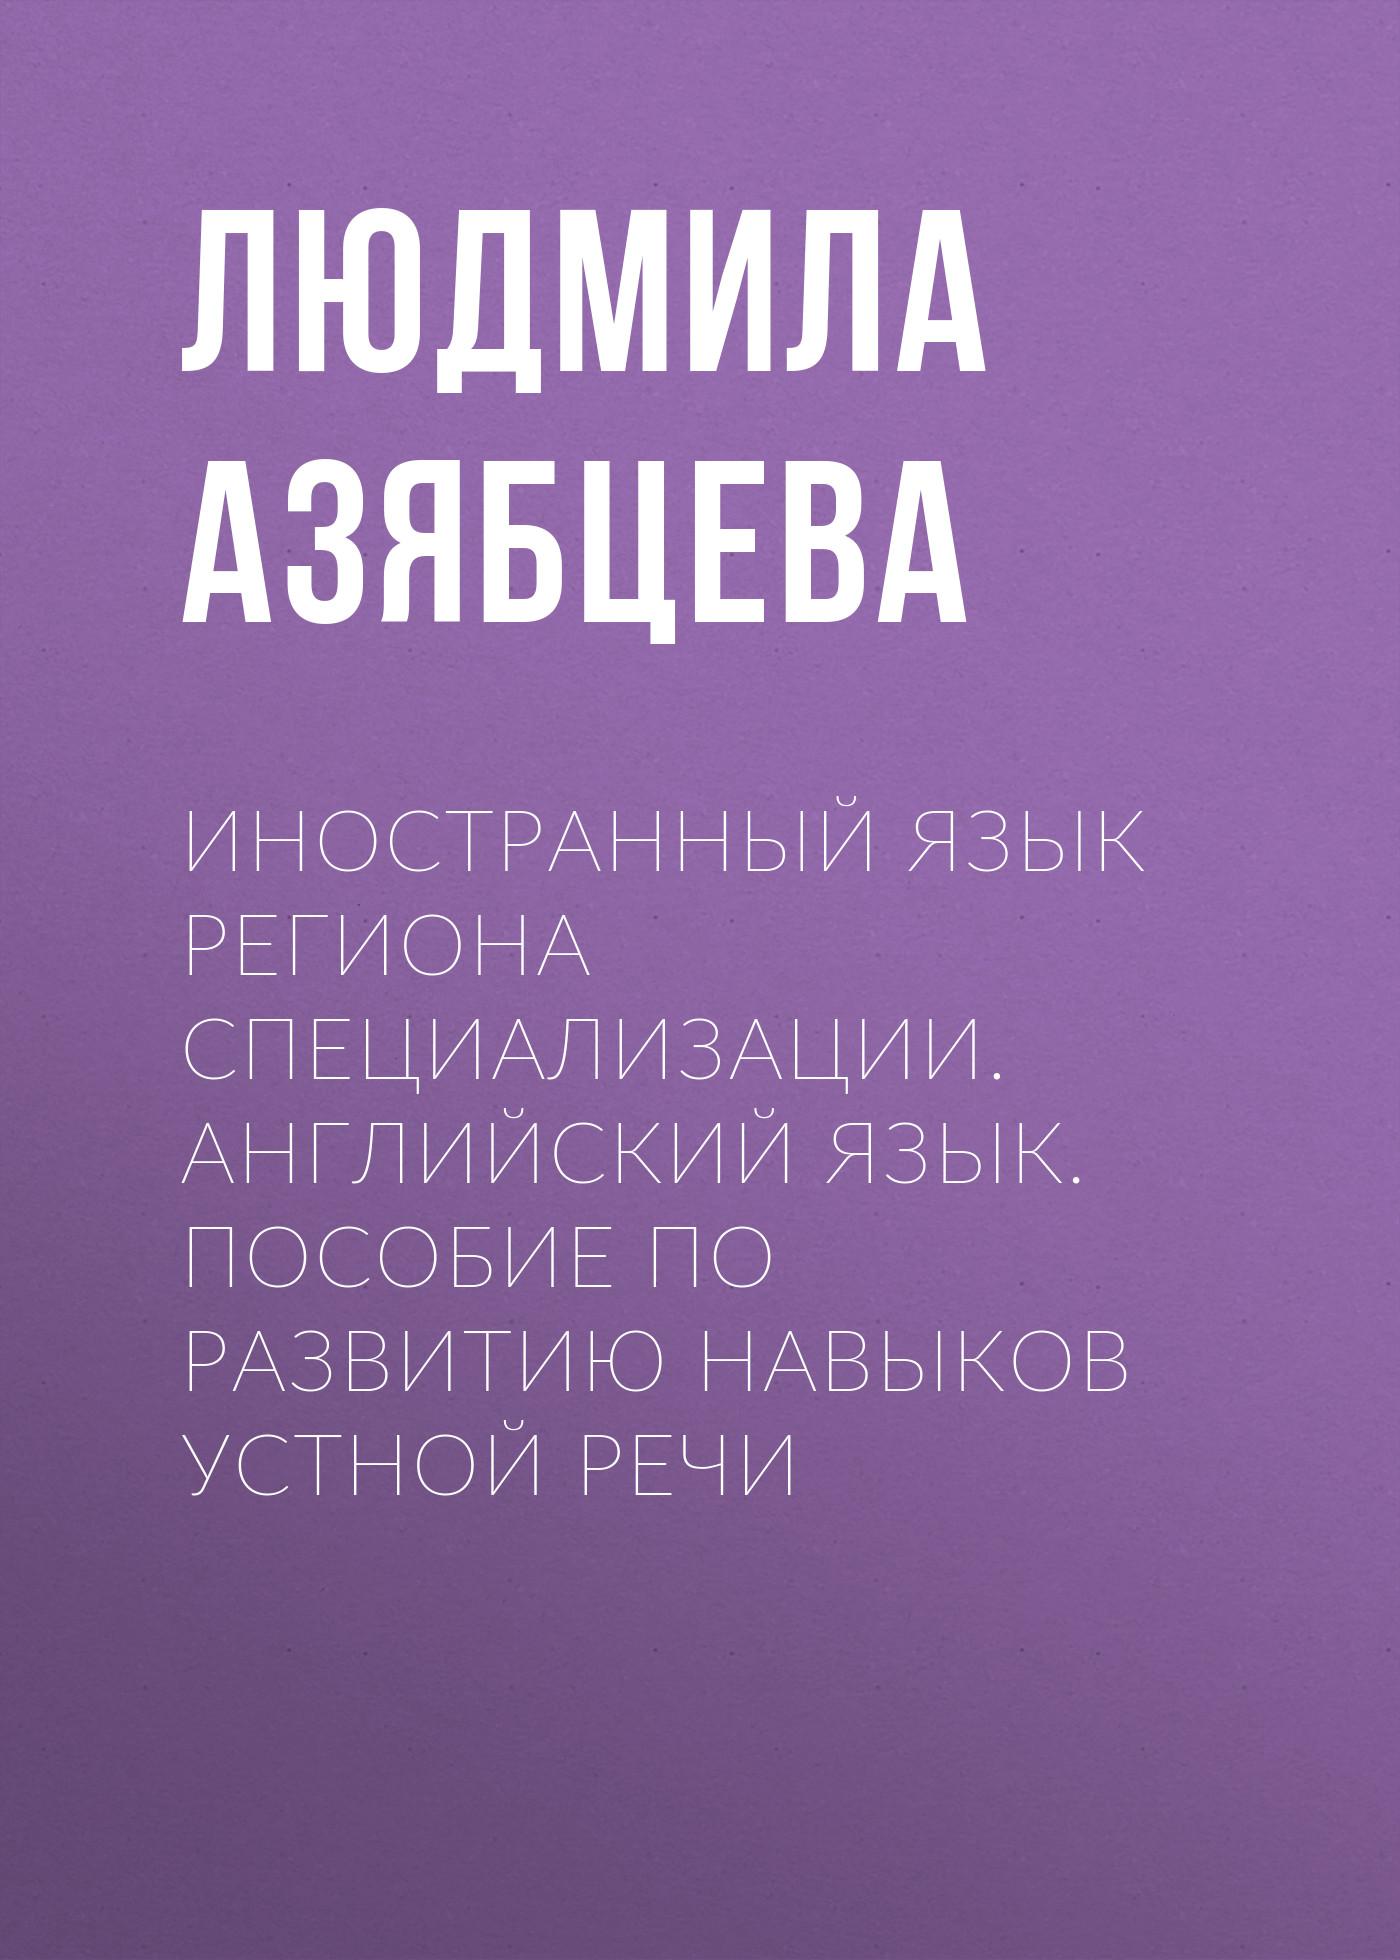 Фото - Людмила Азябцева Иностранный язык региона специализации. Английский язык. Пособие по развитию навыков устной речи и в одинцова он и она пособие по развитию навыков чтения и устной речи